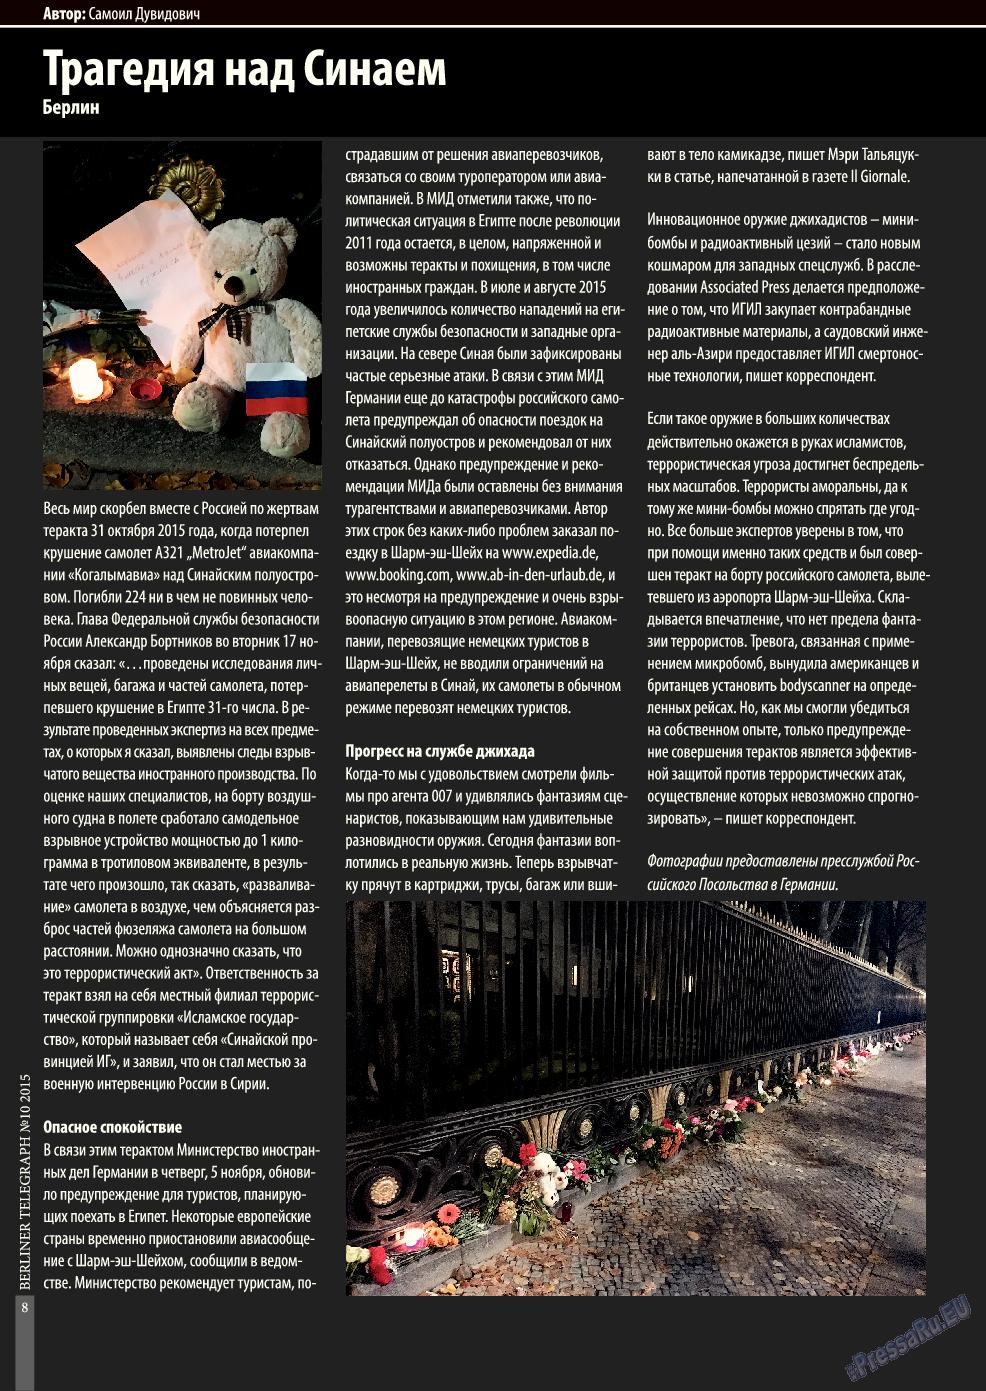 Берлинский телеграф (журнал). 2015 год, номер 11, стр. 8